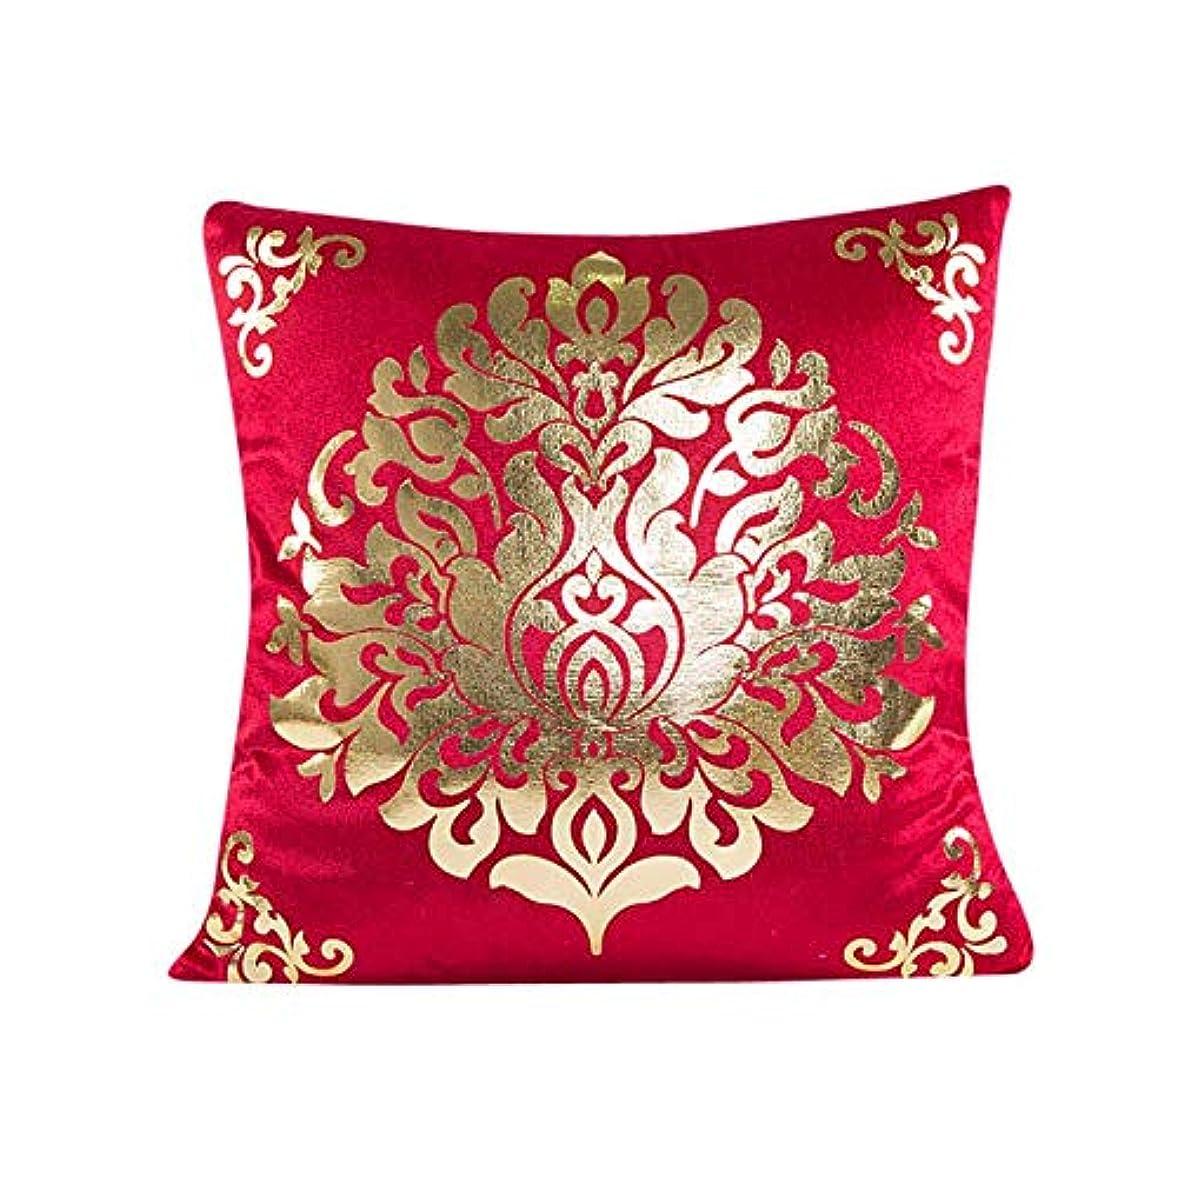 を必要としています過言生じるLIFE MUQGEW ホット販売クラシック枕ソファ投げるクッション家の装飾 coussin ホームクッション クッション 椅子